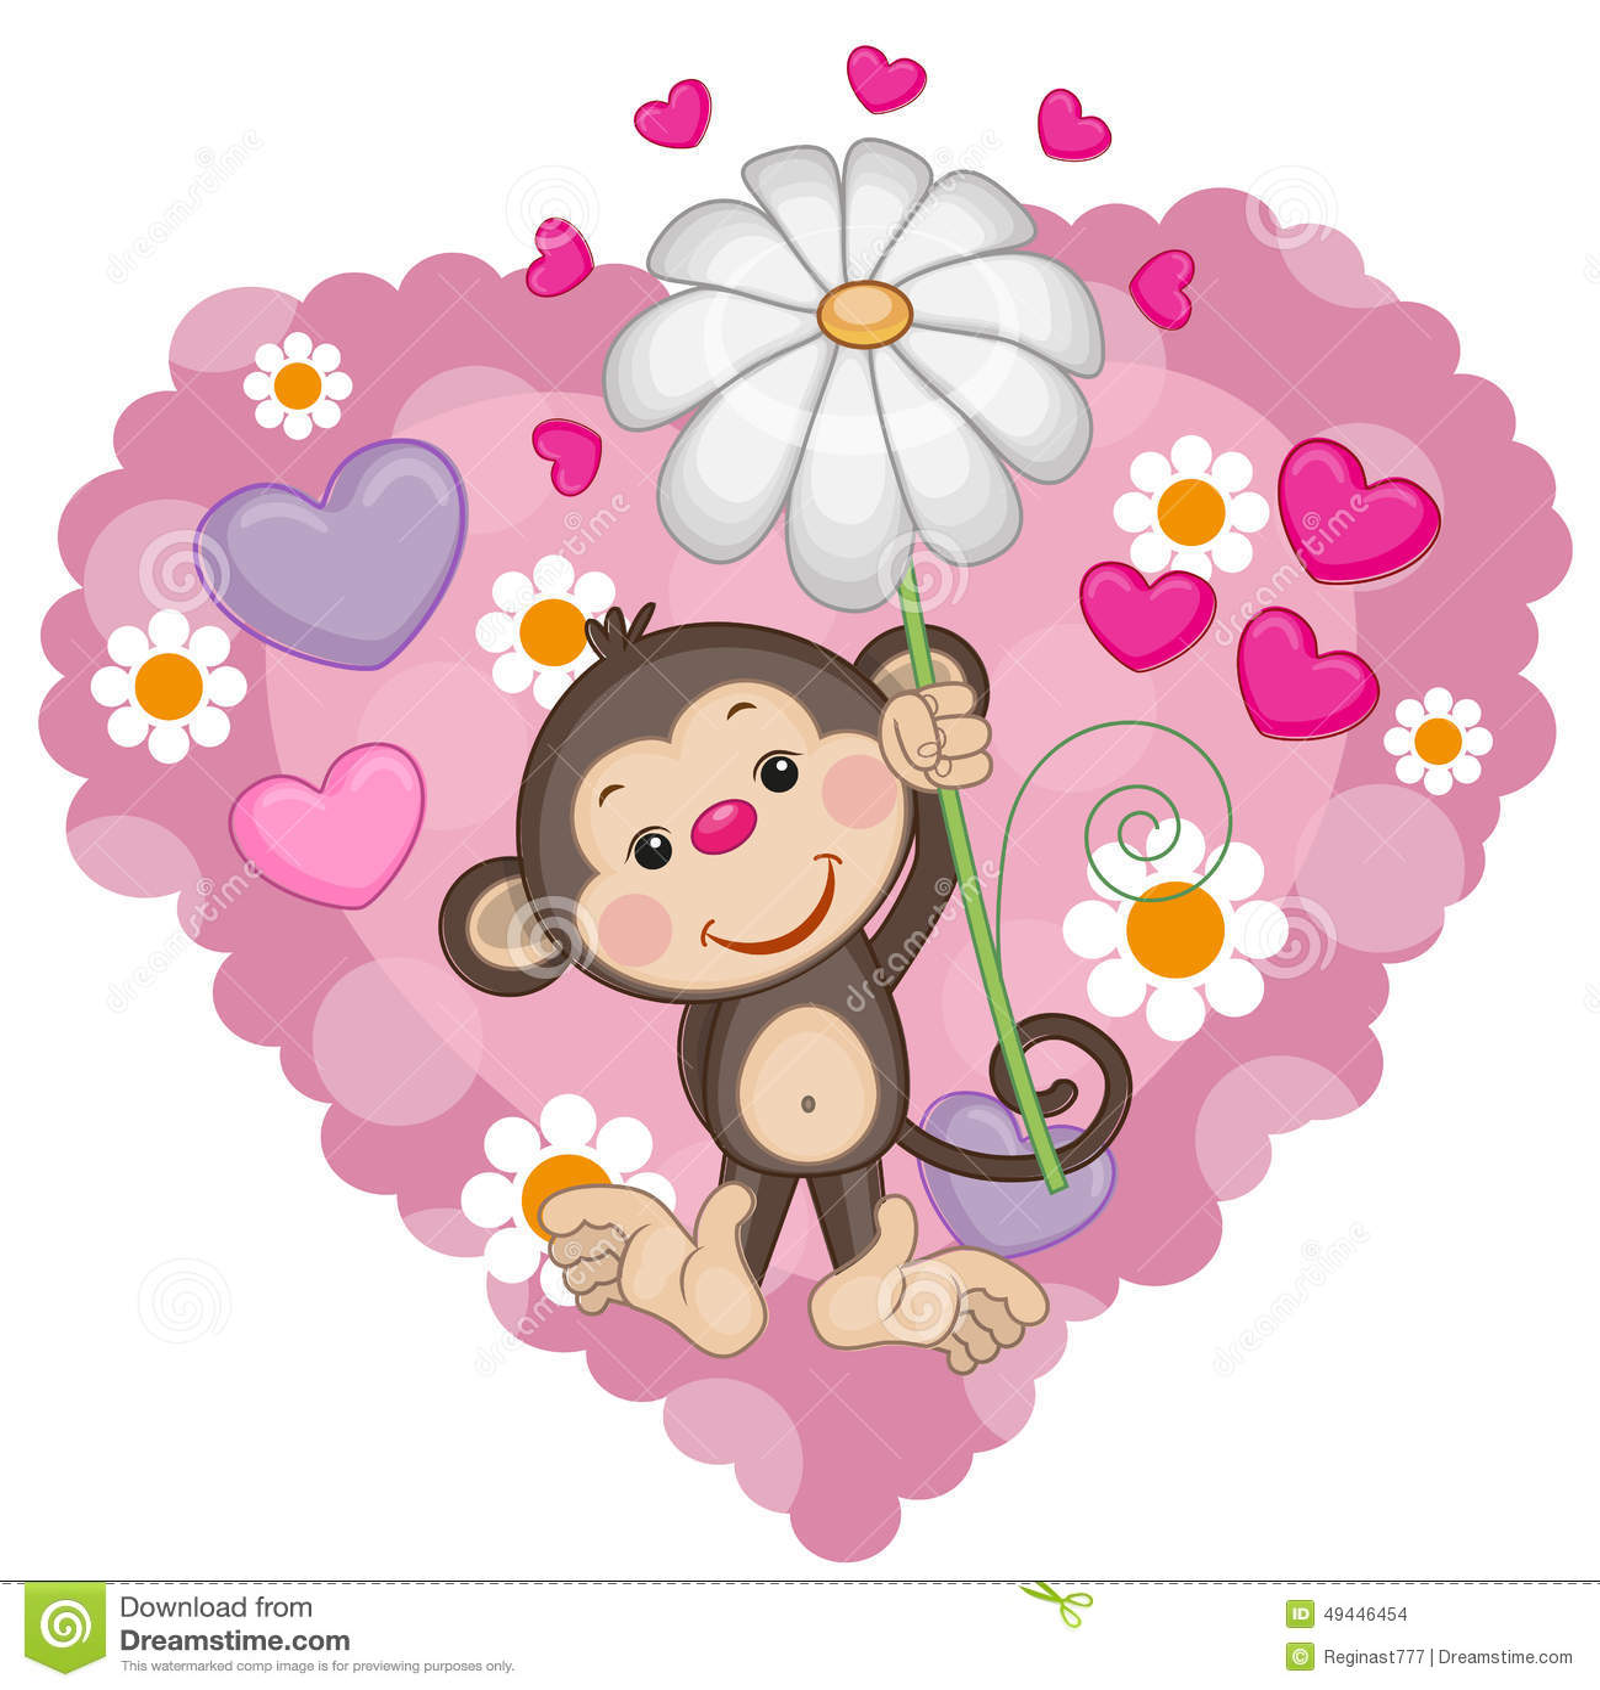 花猴子_与心脏和花的贺卡猴子.